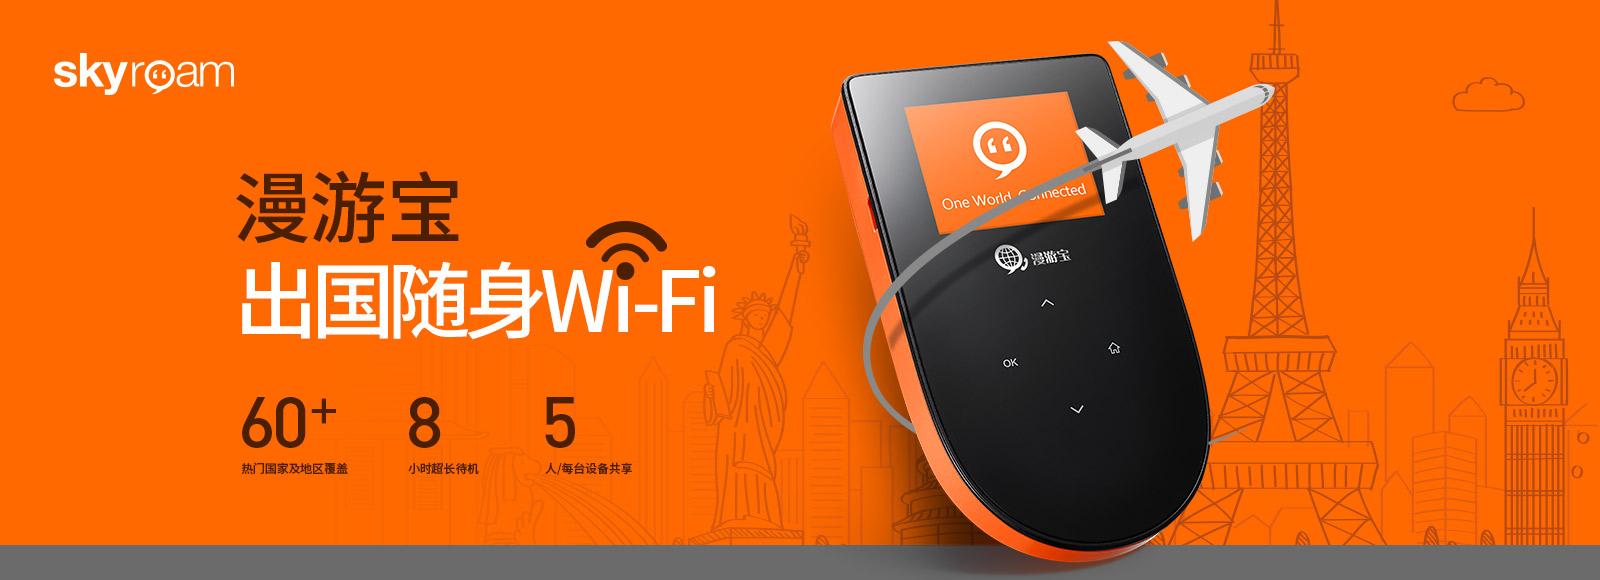 移动wifi热点_满足国外上网需求